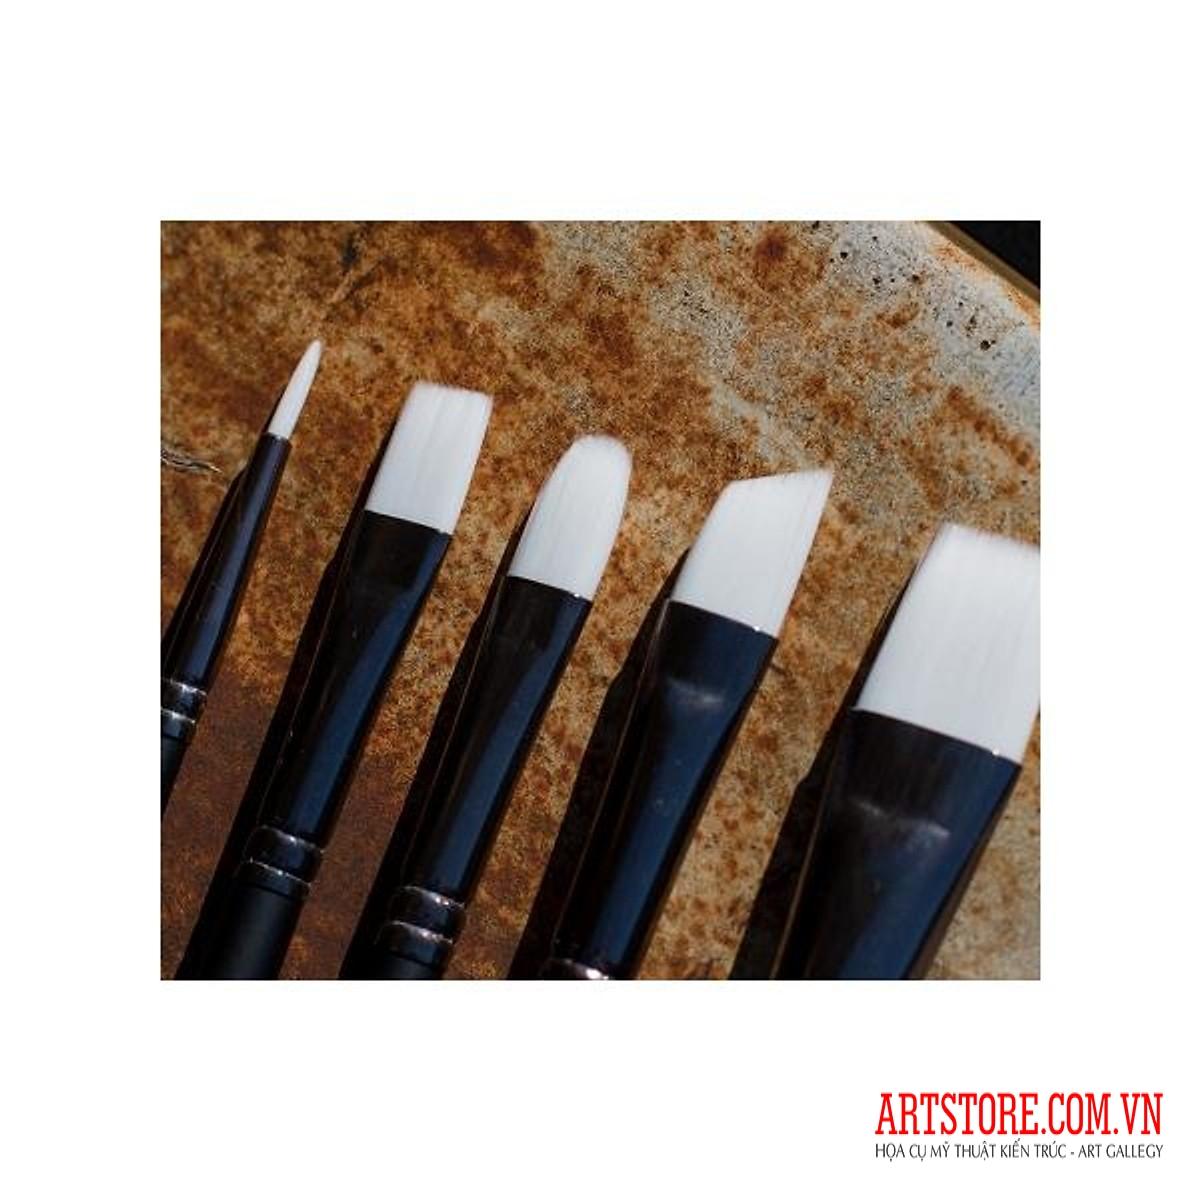 [TK] Bộ 5 Cây Cọ Vẽ Cao Cấp Angelus Paint Brushes